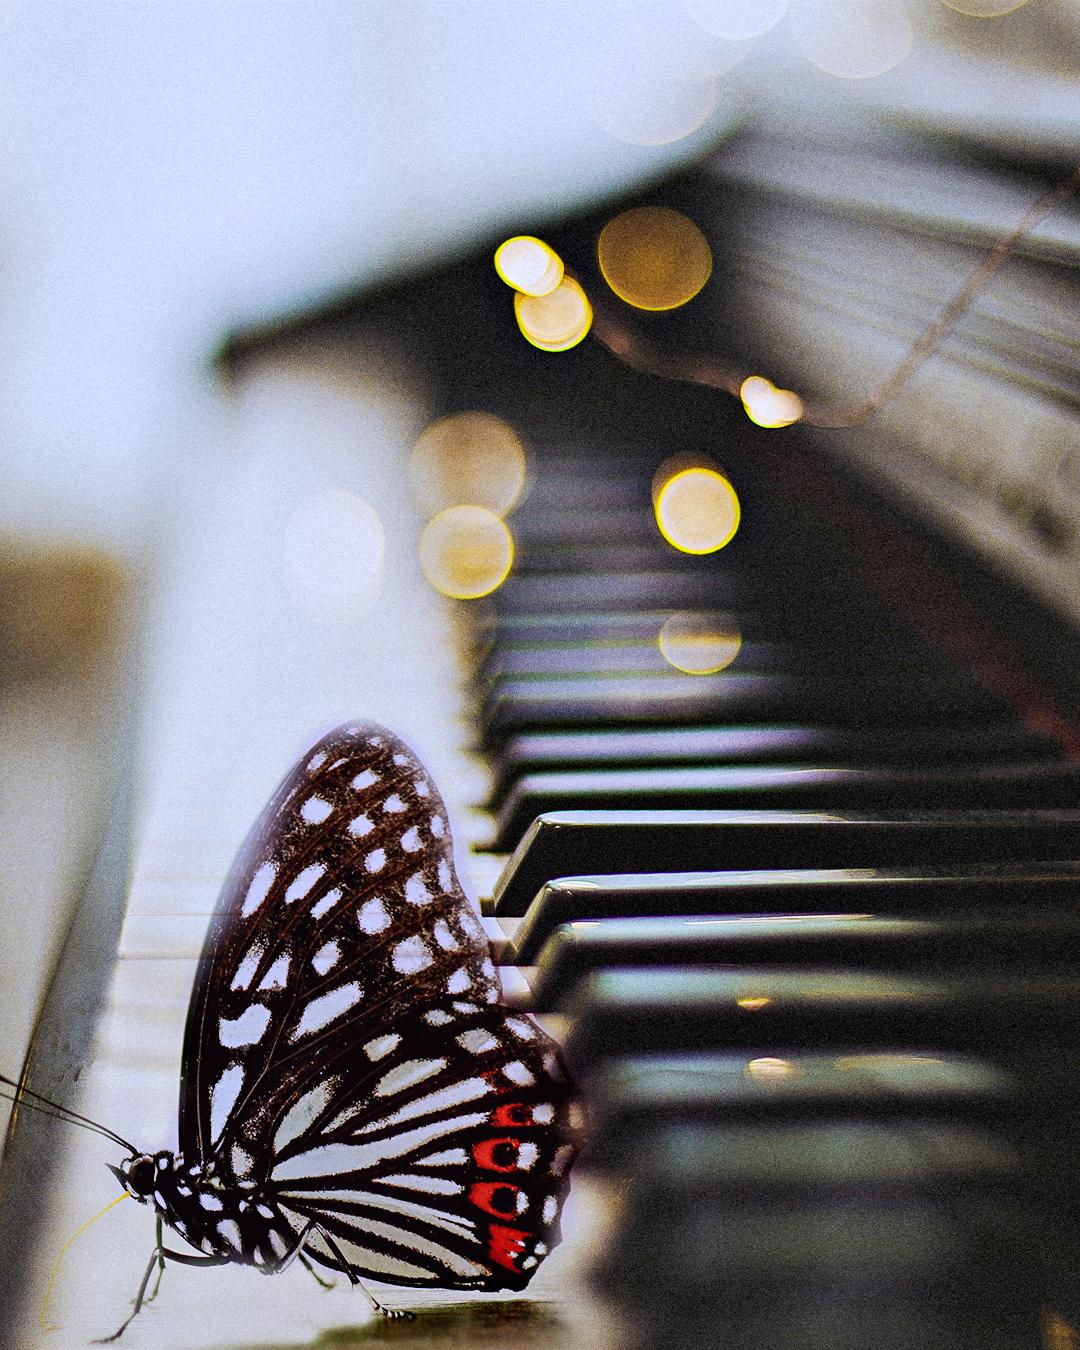 La creatividad que nos salva , una mariposa sobre un piano